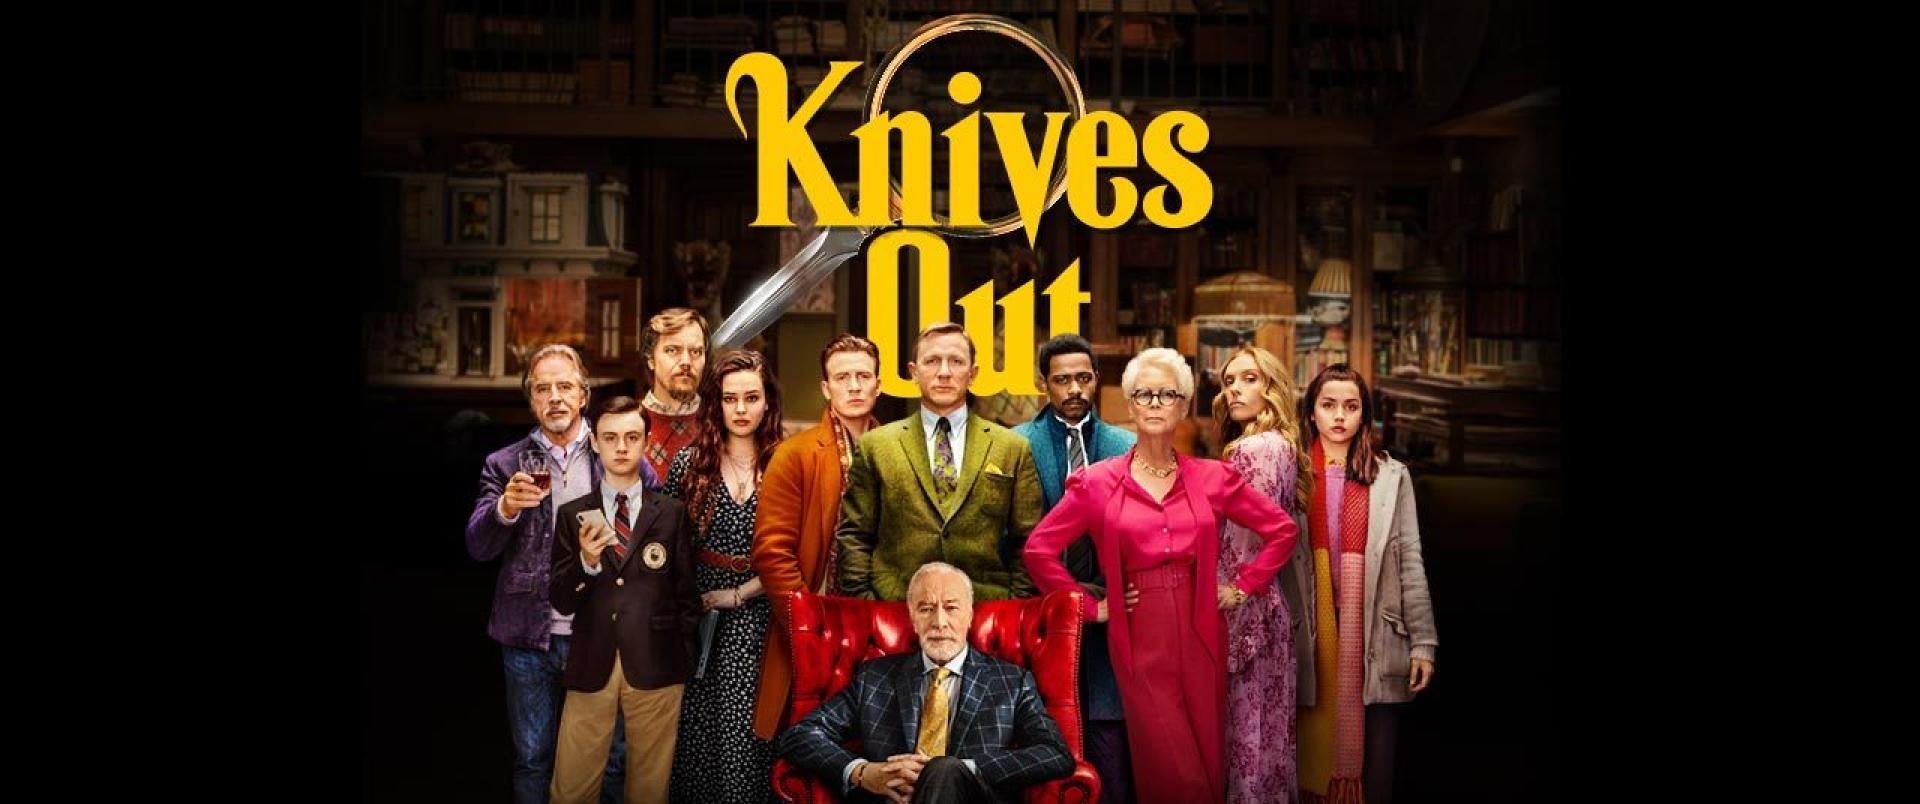 Knives Out - Tőrbe ejtve (2019)